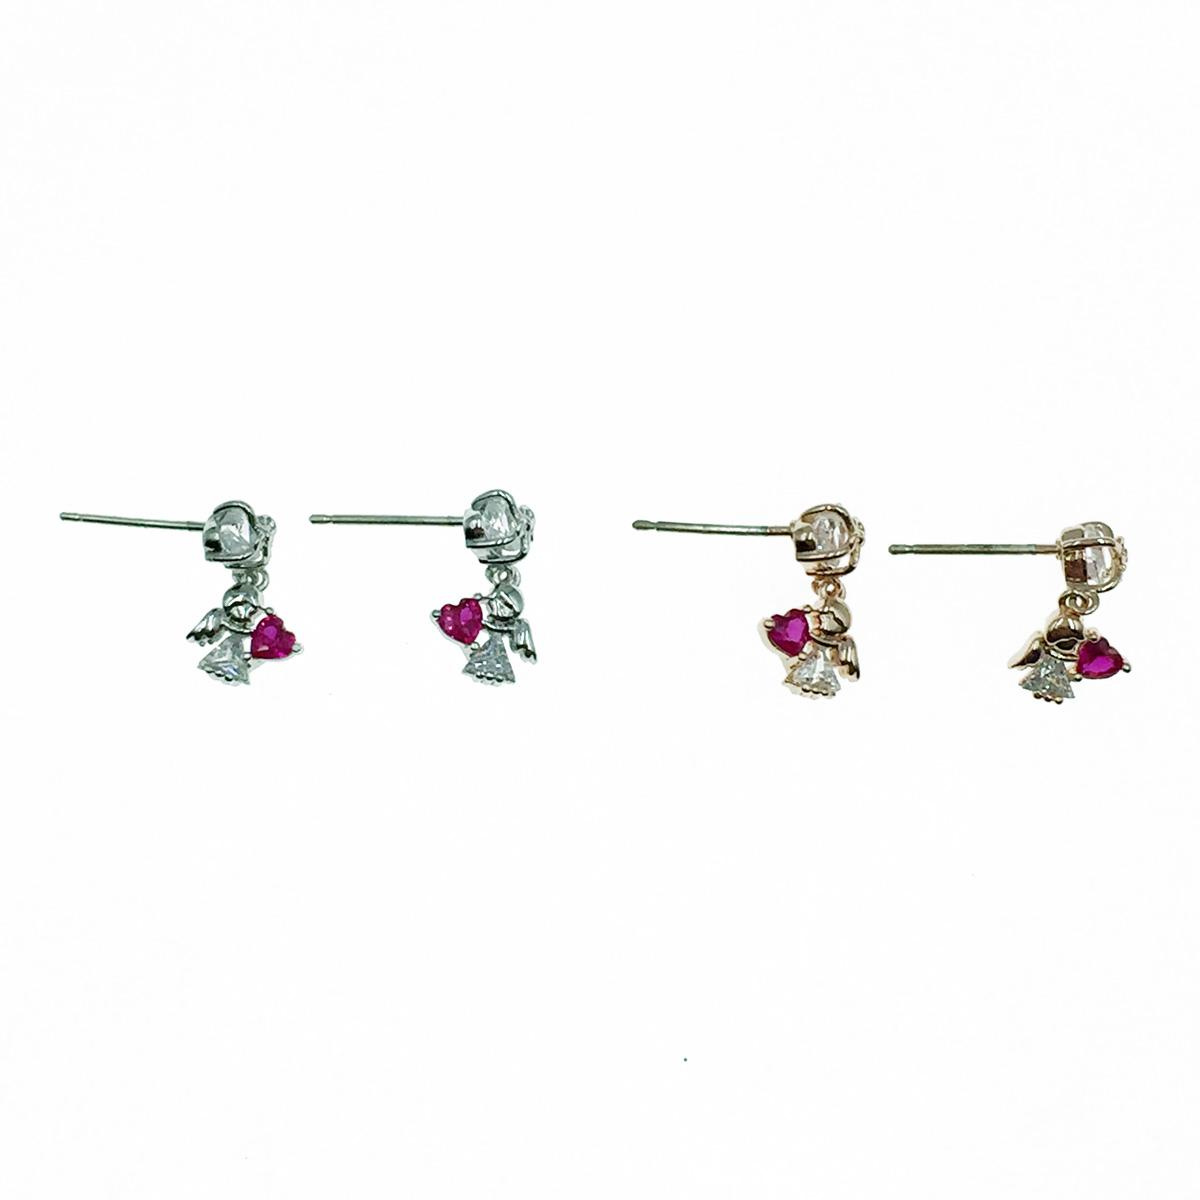 韓國 925純銀 小天使 愛心 水鑽 垂墜感 耳針式耳環